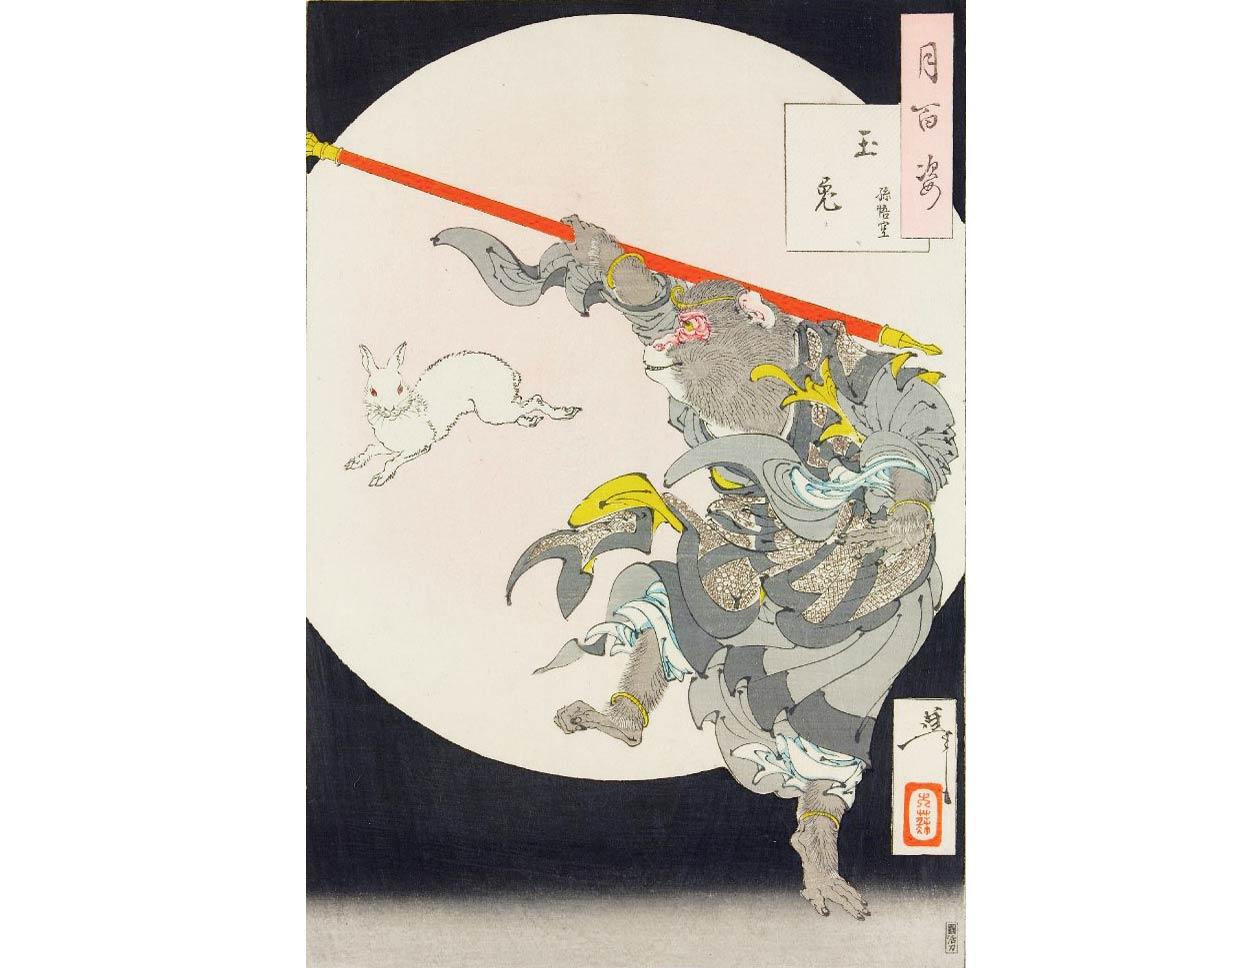 Jade Rabbit and Son Goku, Woodblock Printby Tsukioka Yoshitoshi, 1889